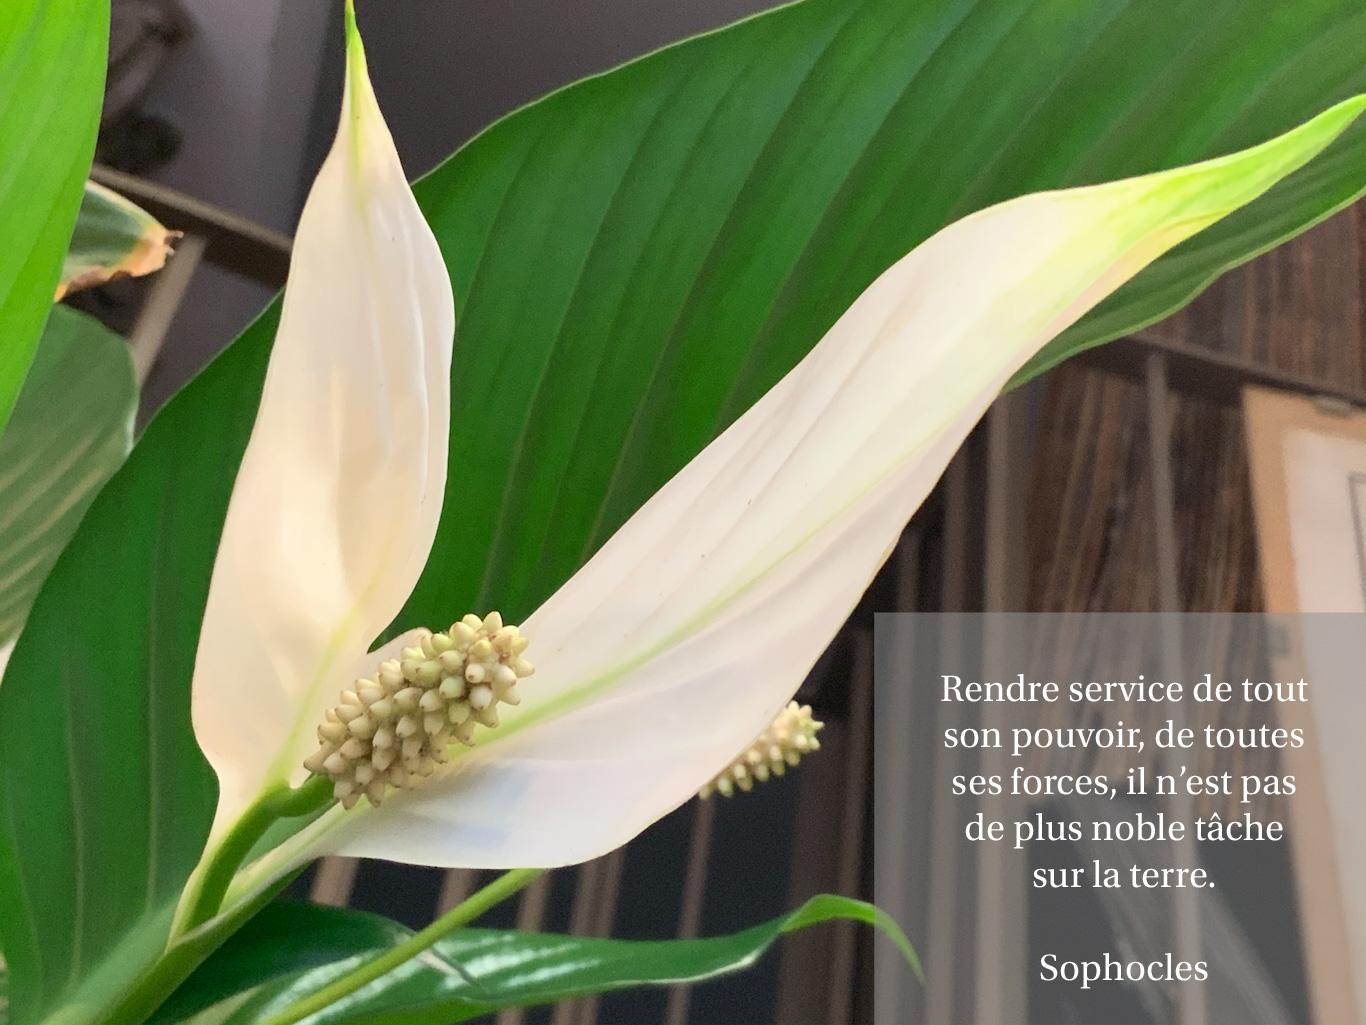 Citation sur le service, image de spathiphyllum